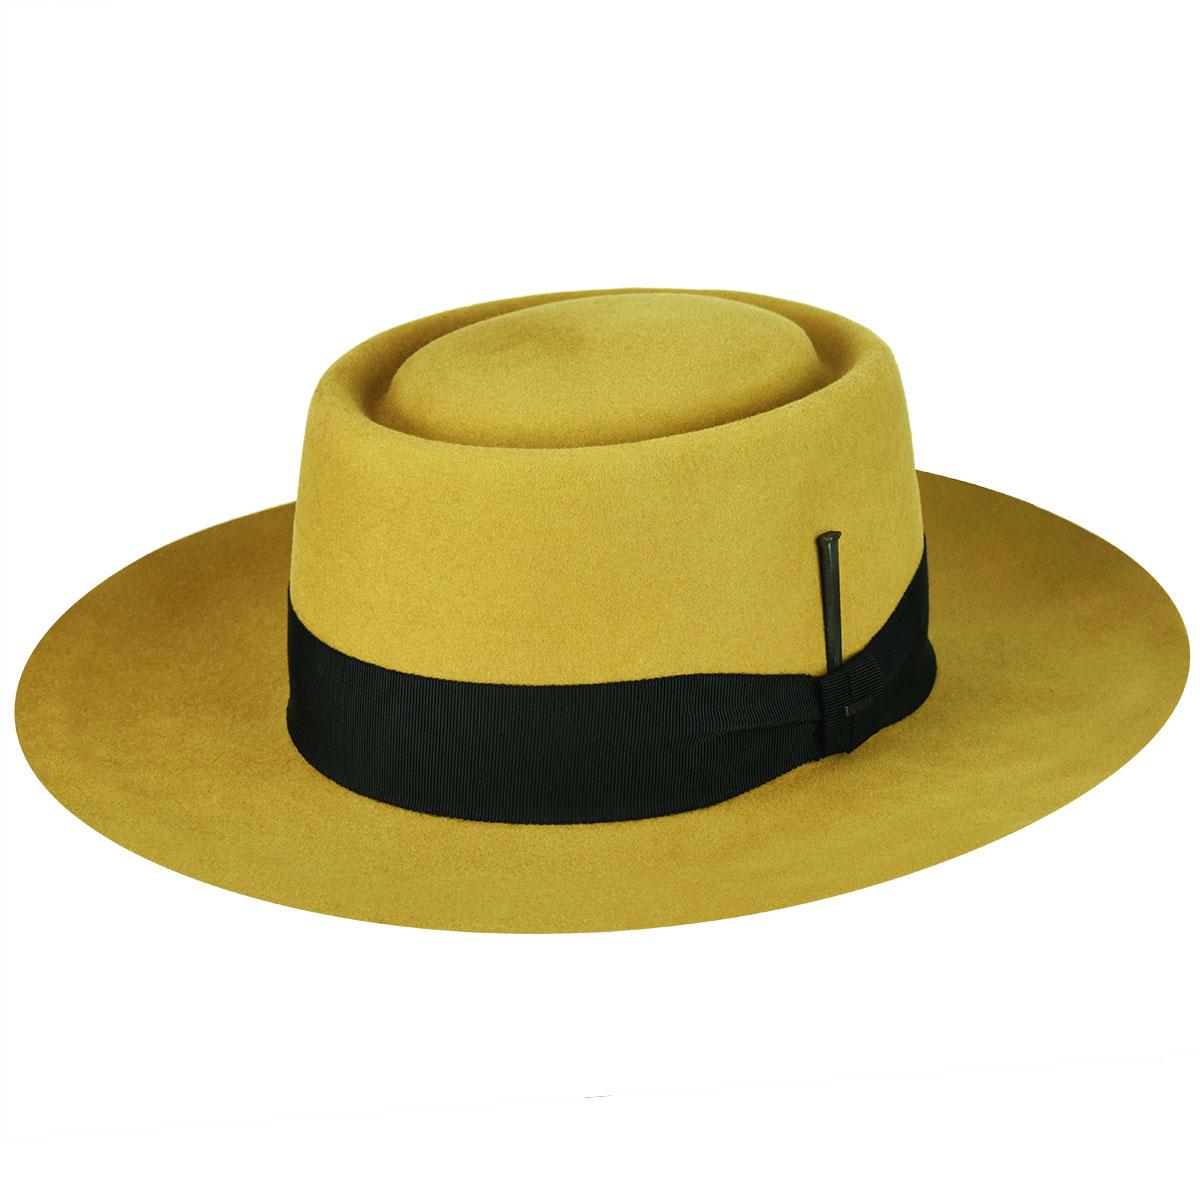 Men's Vintage Style Hats, Retro Hats Walsh Elite Pork Pie $138.75 AT vintagedancer.com